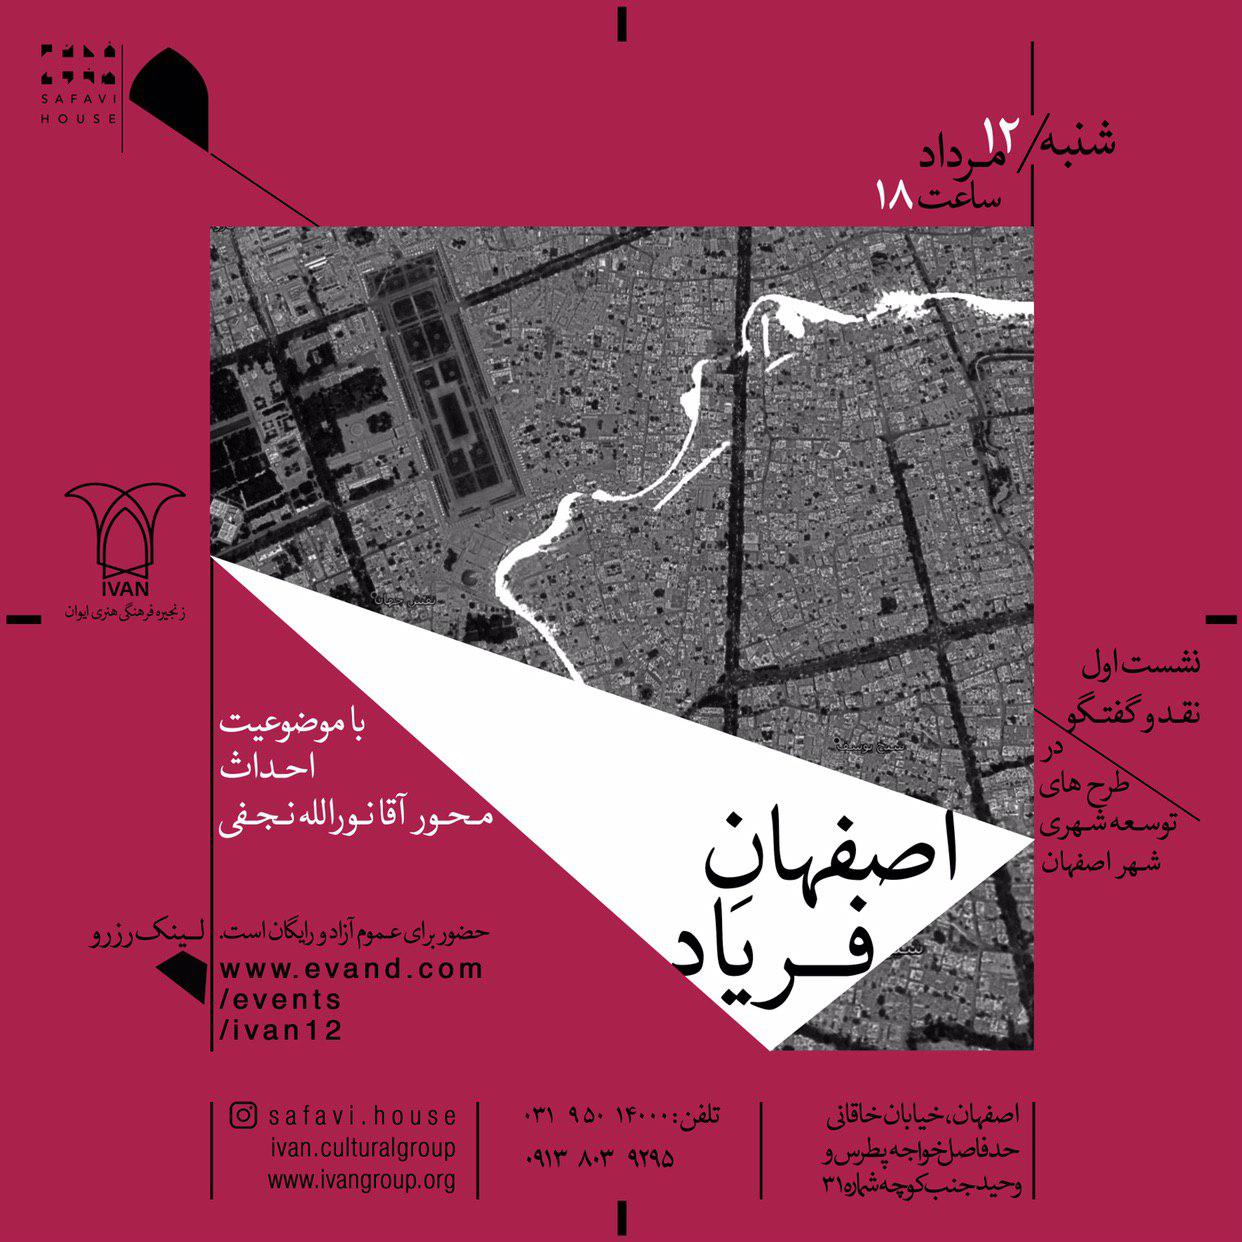 """اولین نشست نقد و گفتگو در طرح های توسعه شهری """"شهر اصفهان"""" برگزار می شود"""